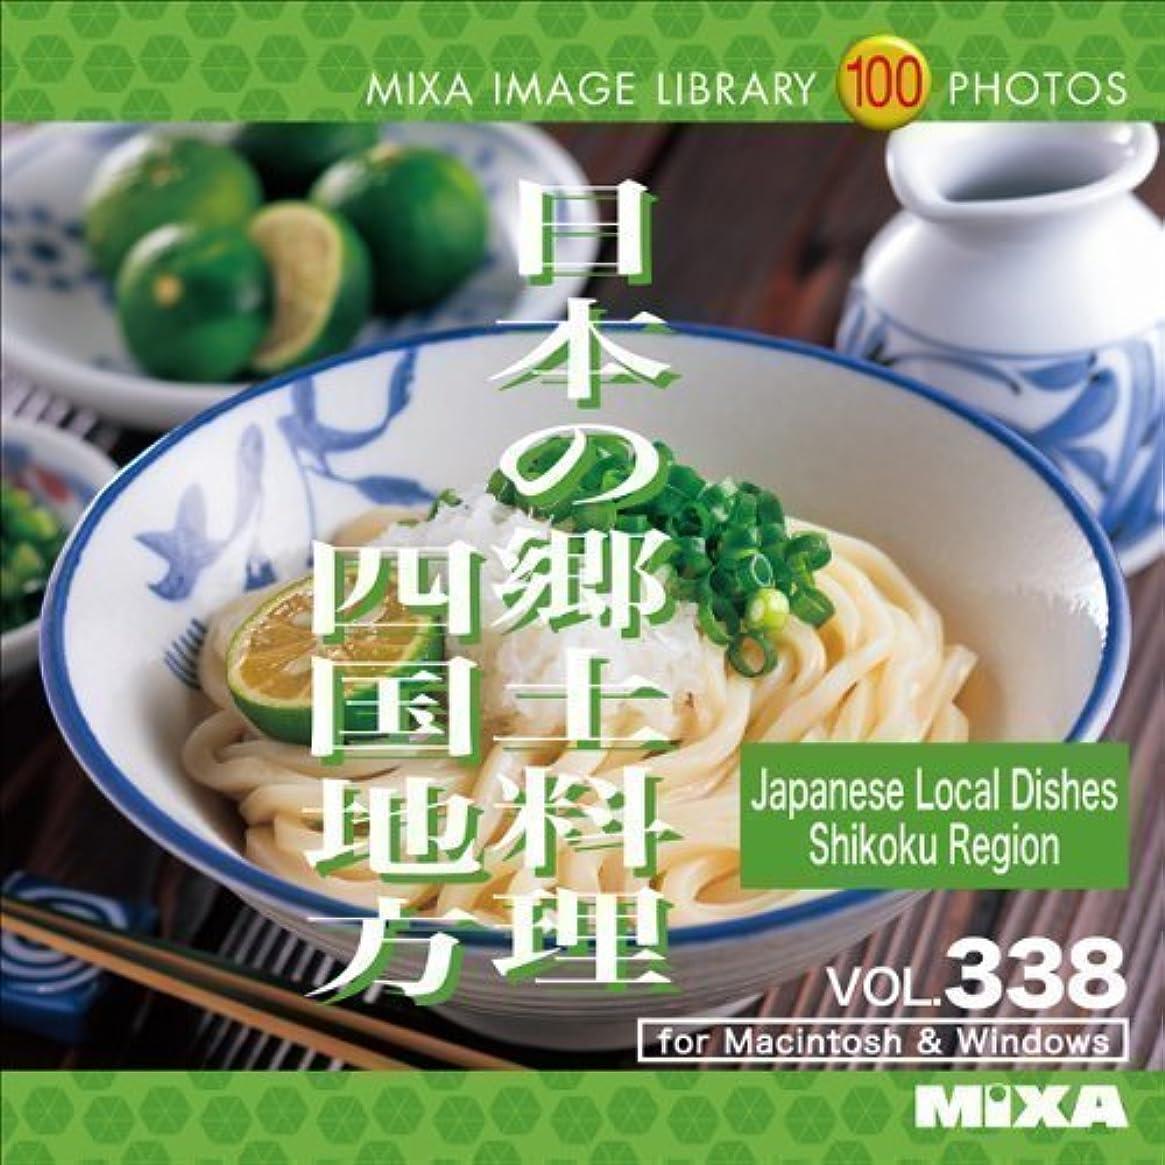 塩バッジパイMIXA Image Library Vol.338 日本の郷土料理 四国地方